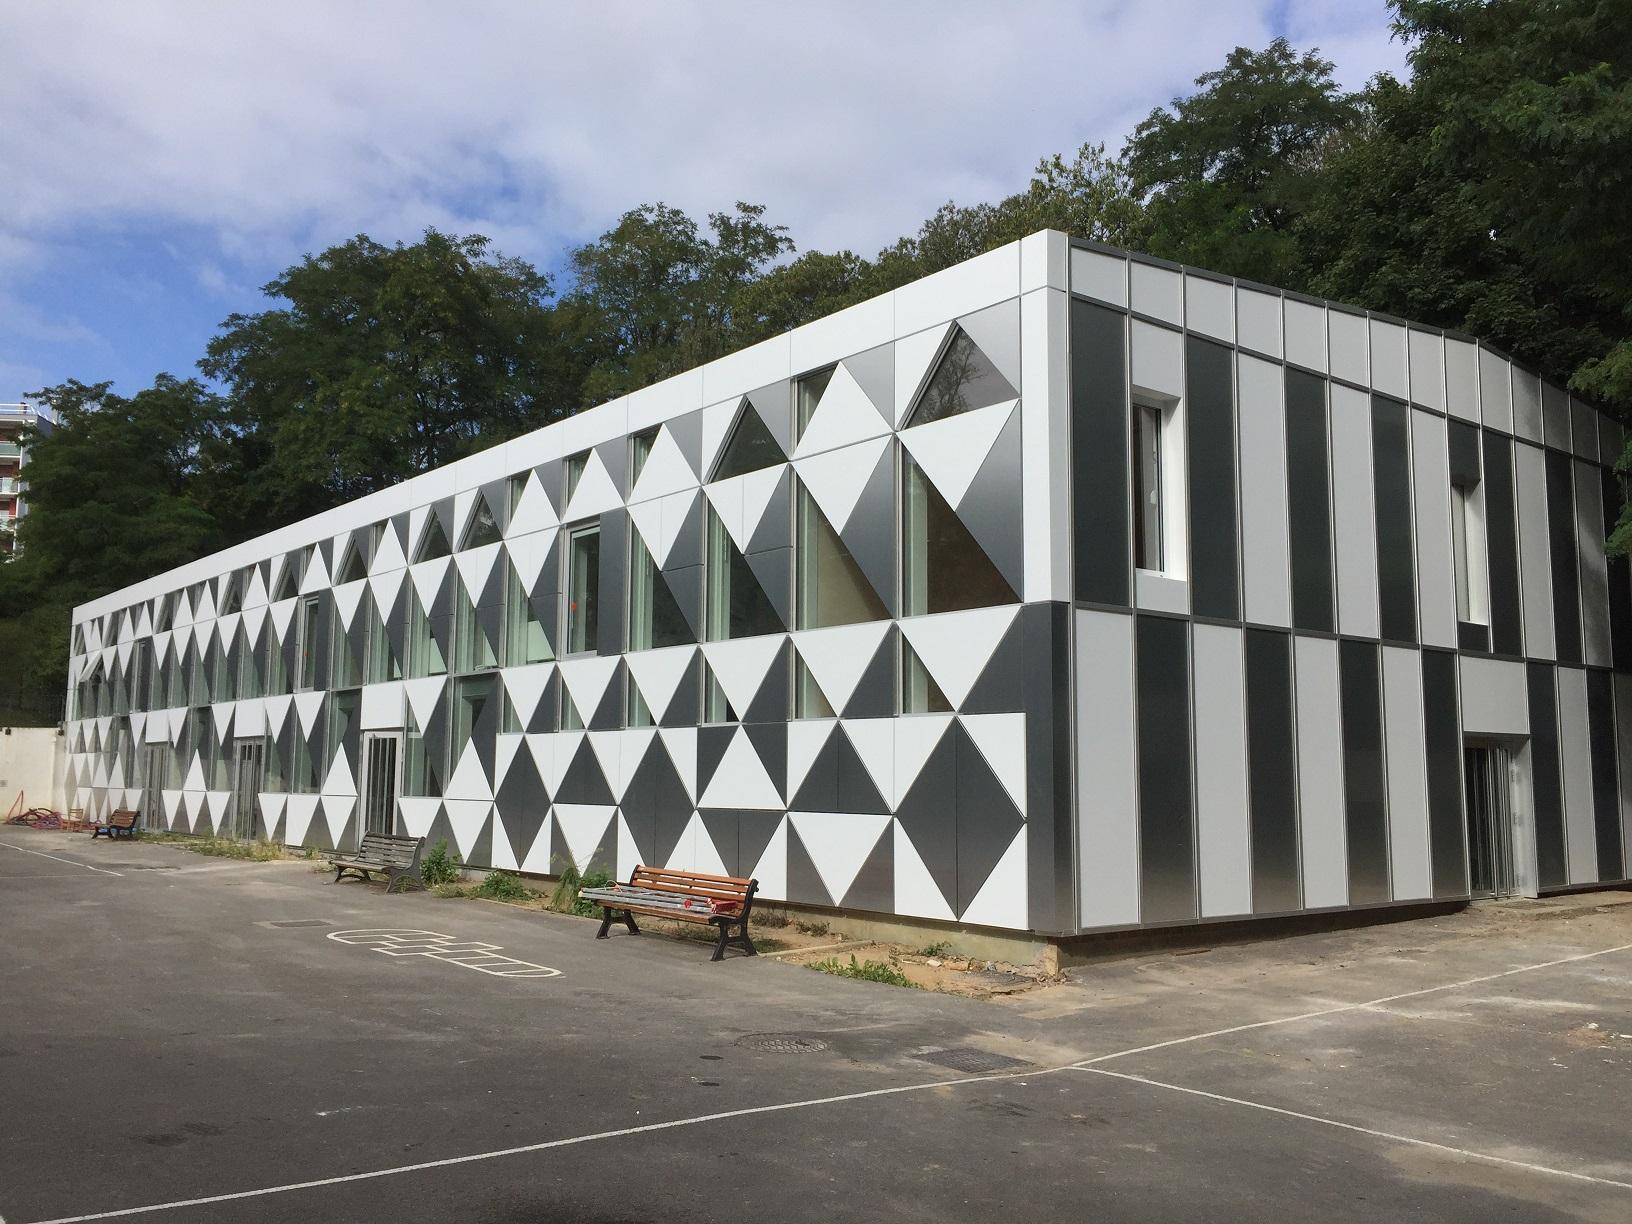 L'intégralité des profils (profilés aluminium de marque WICONA gamme WICTEC 50 et MECANO selon les façades) en finition anodisée naturelle, renforce la valeur de la menuiserie